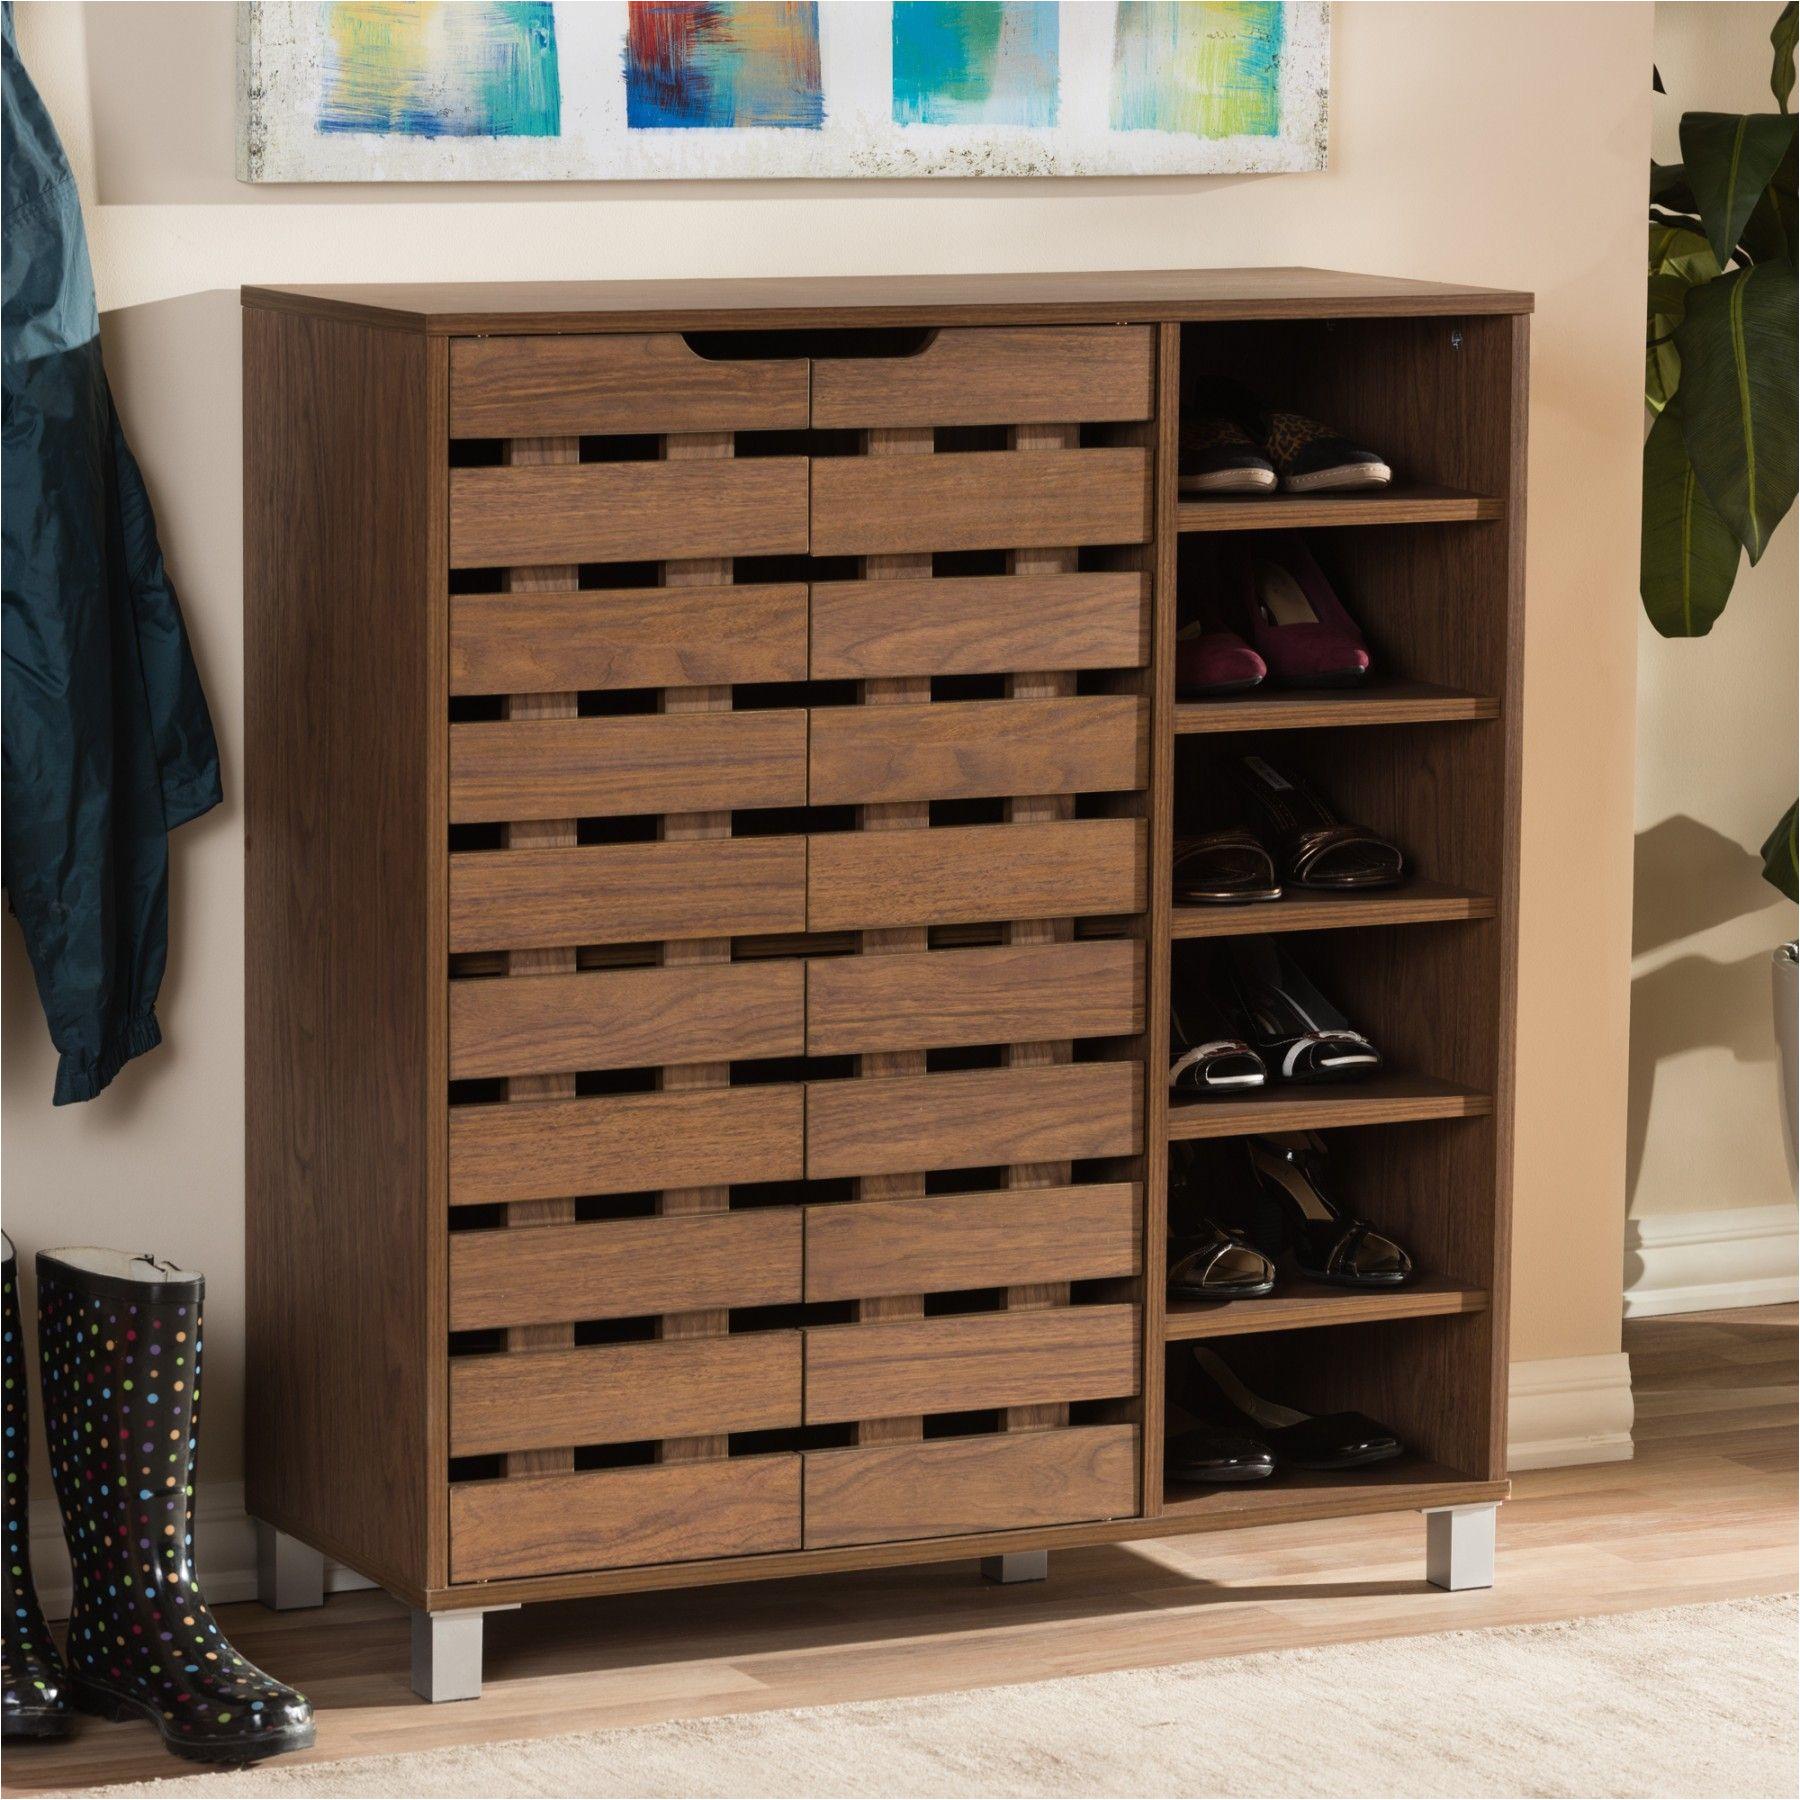 shirley walnut medium brown wood 2 door shoe cabinet with open shelves